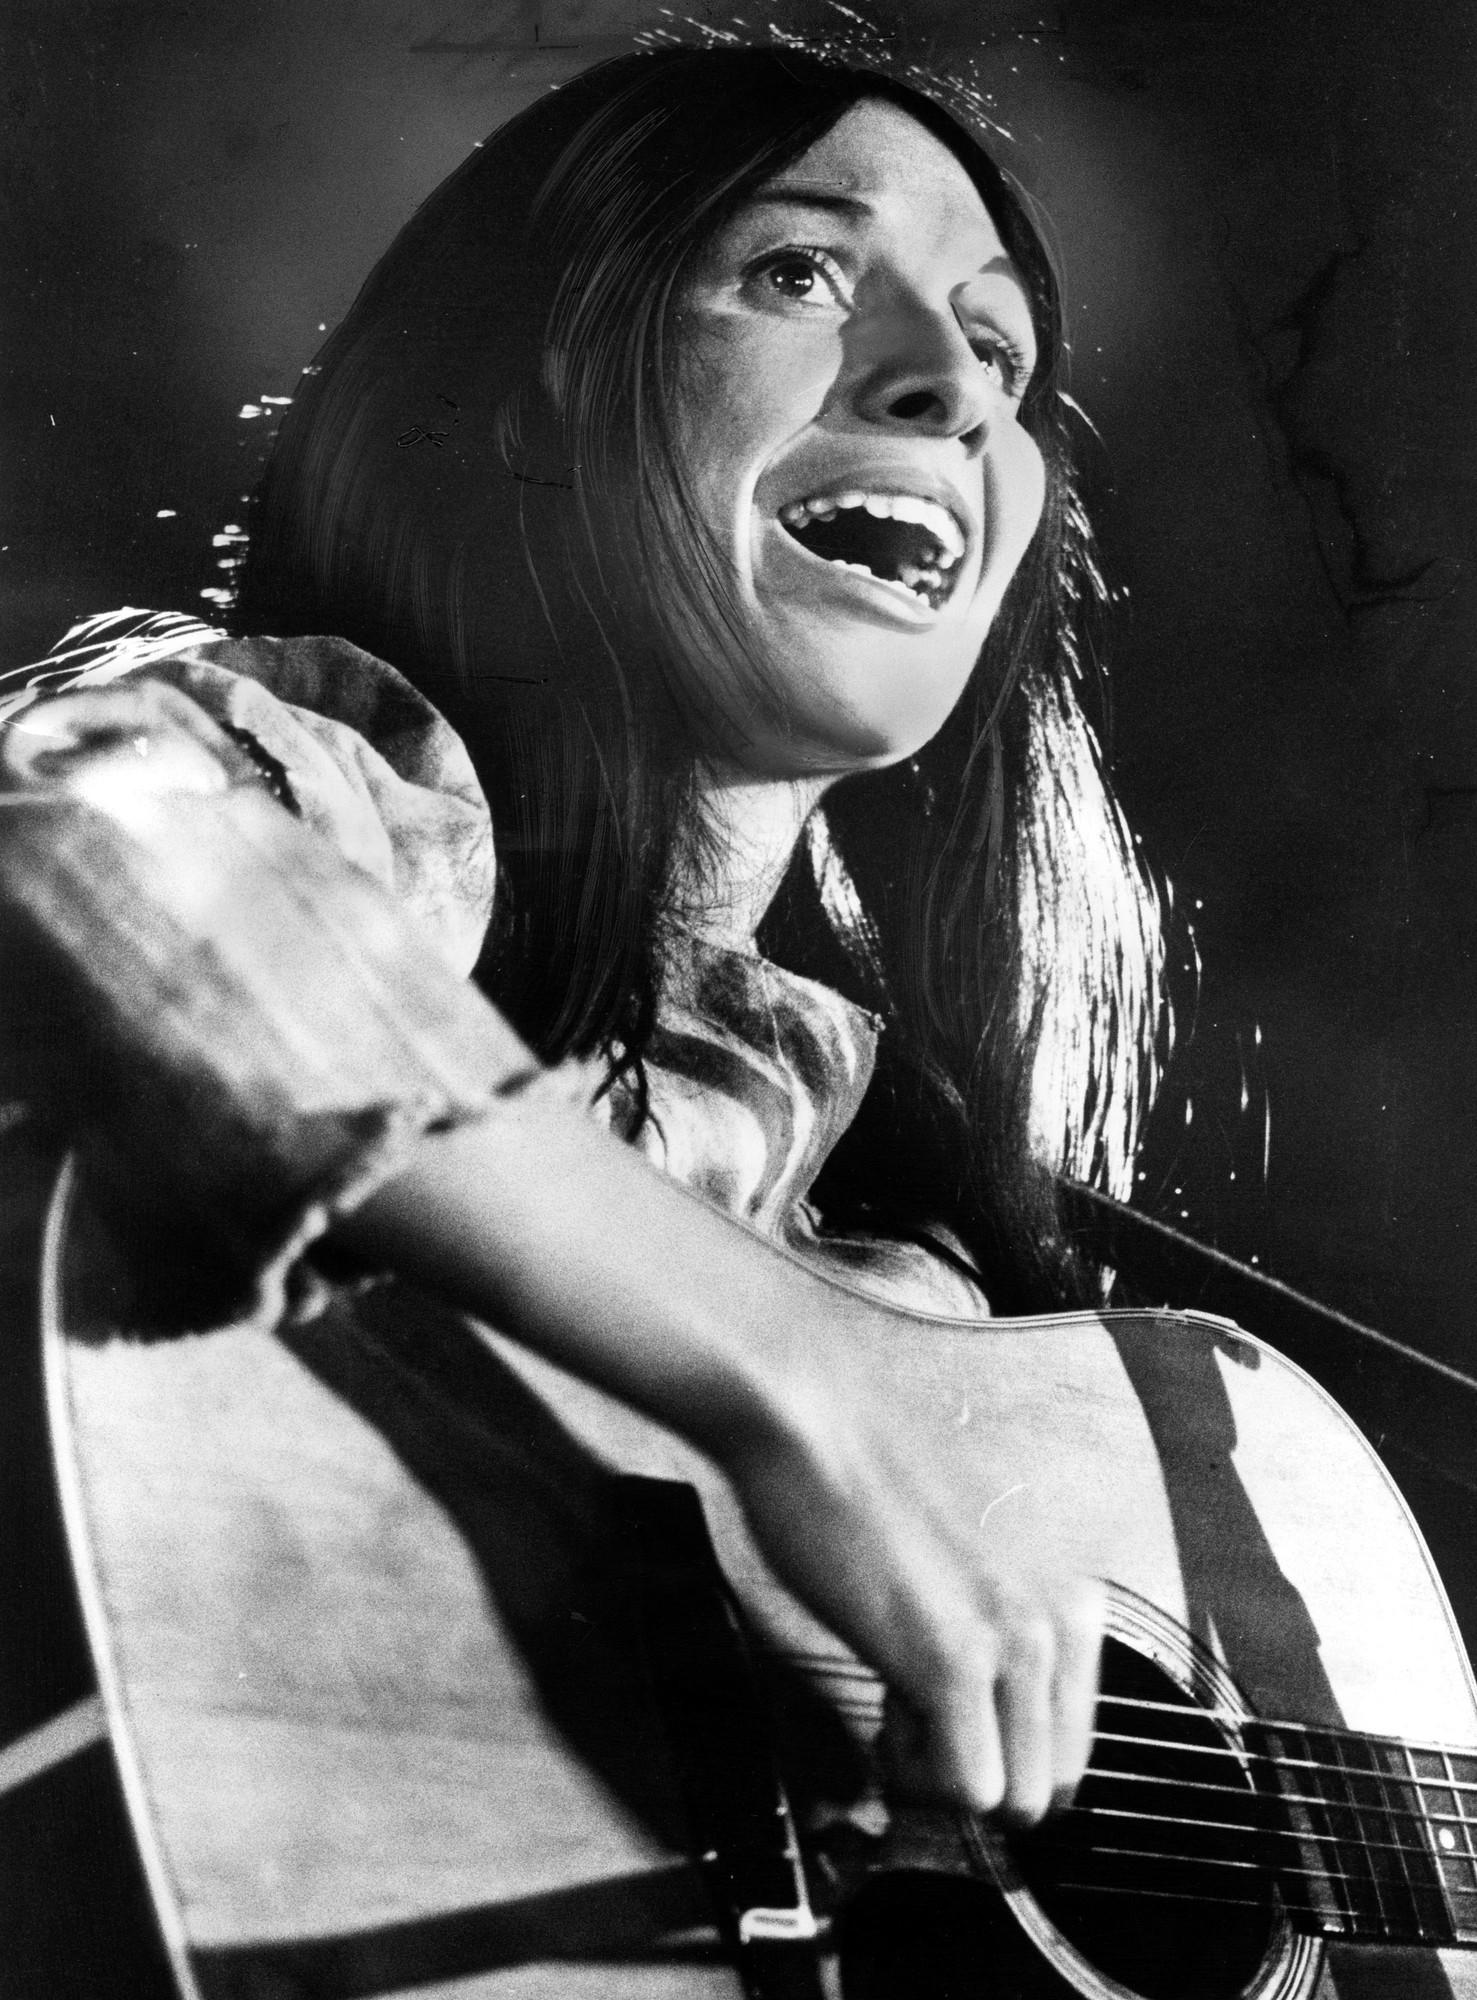 Une photo en noir et blanc d'une femme aux longs cheveux noirs chantant dans un micro et jouant de la guitare.